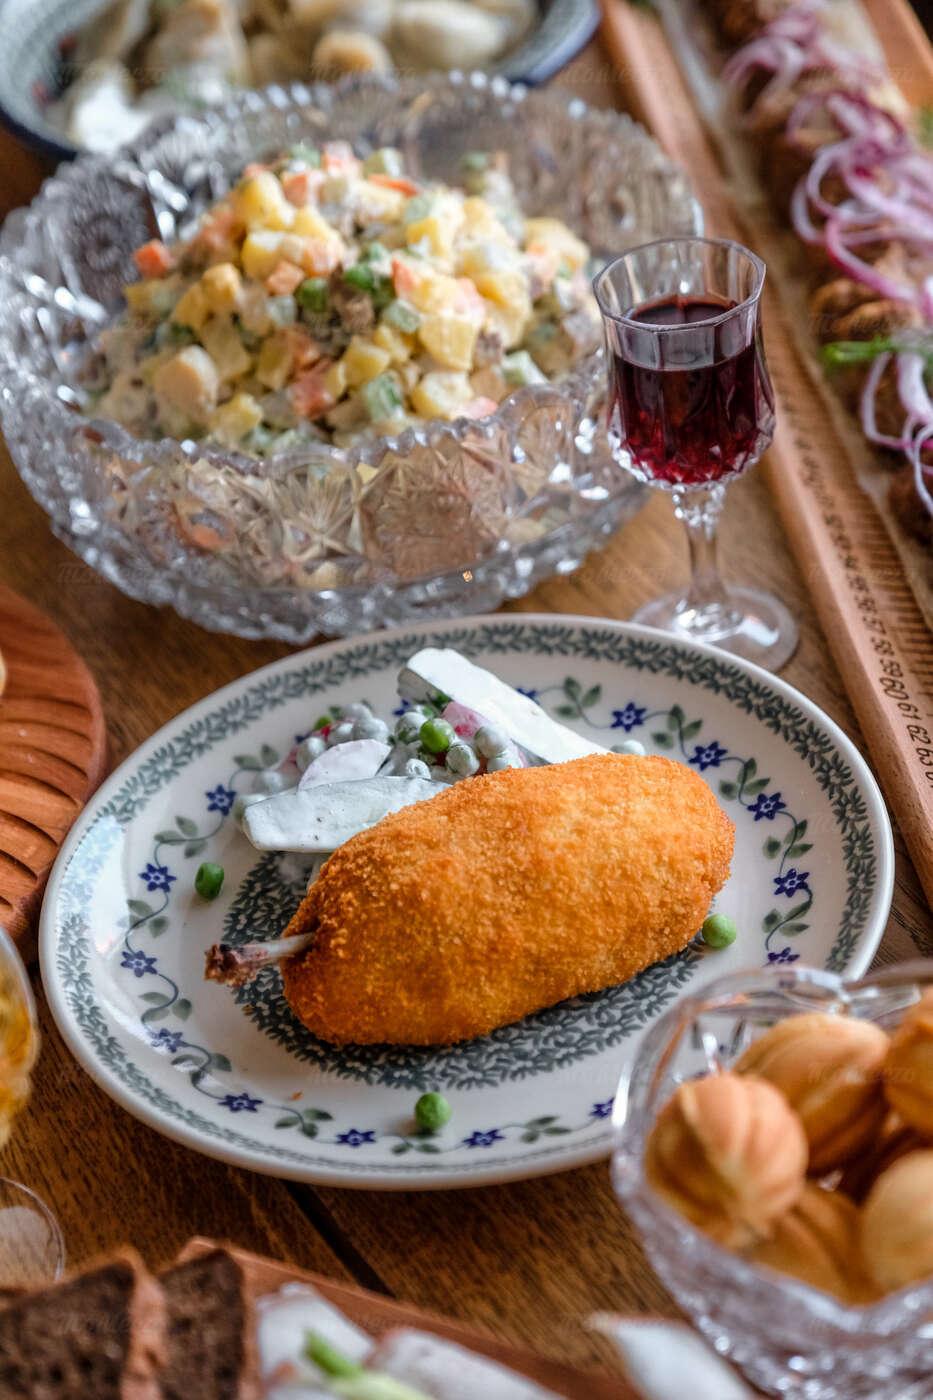 Меню ресторана Уголёк на Рождественской фото 30